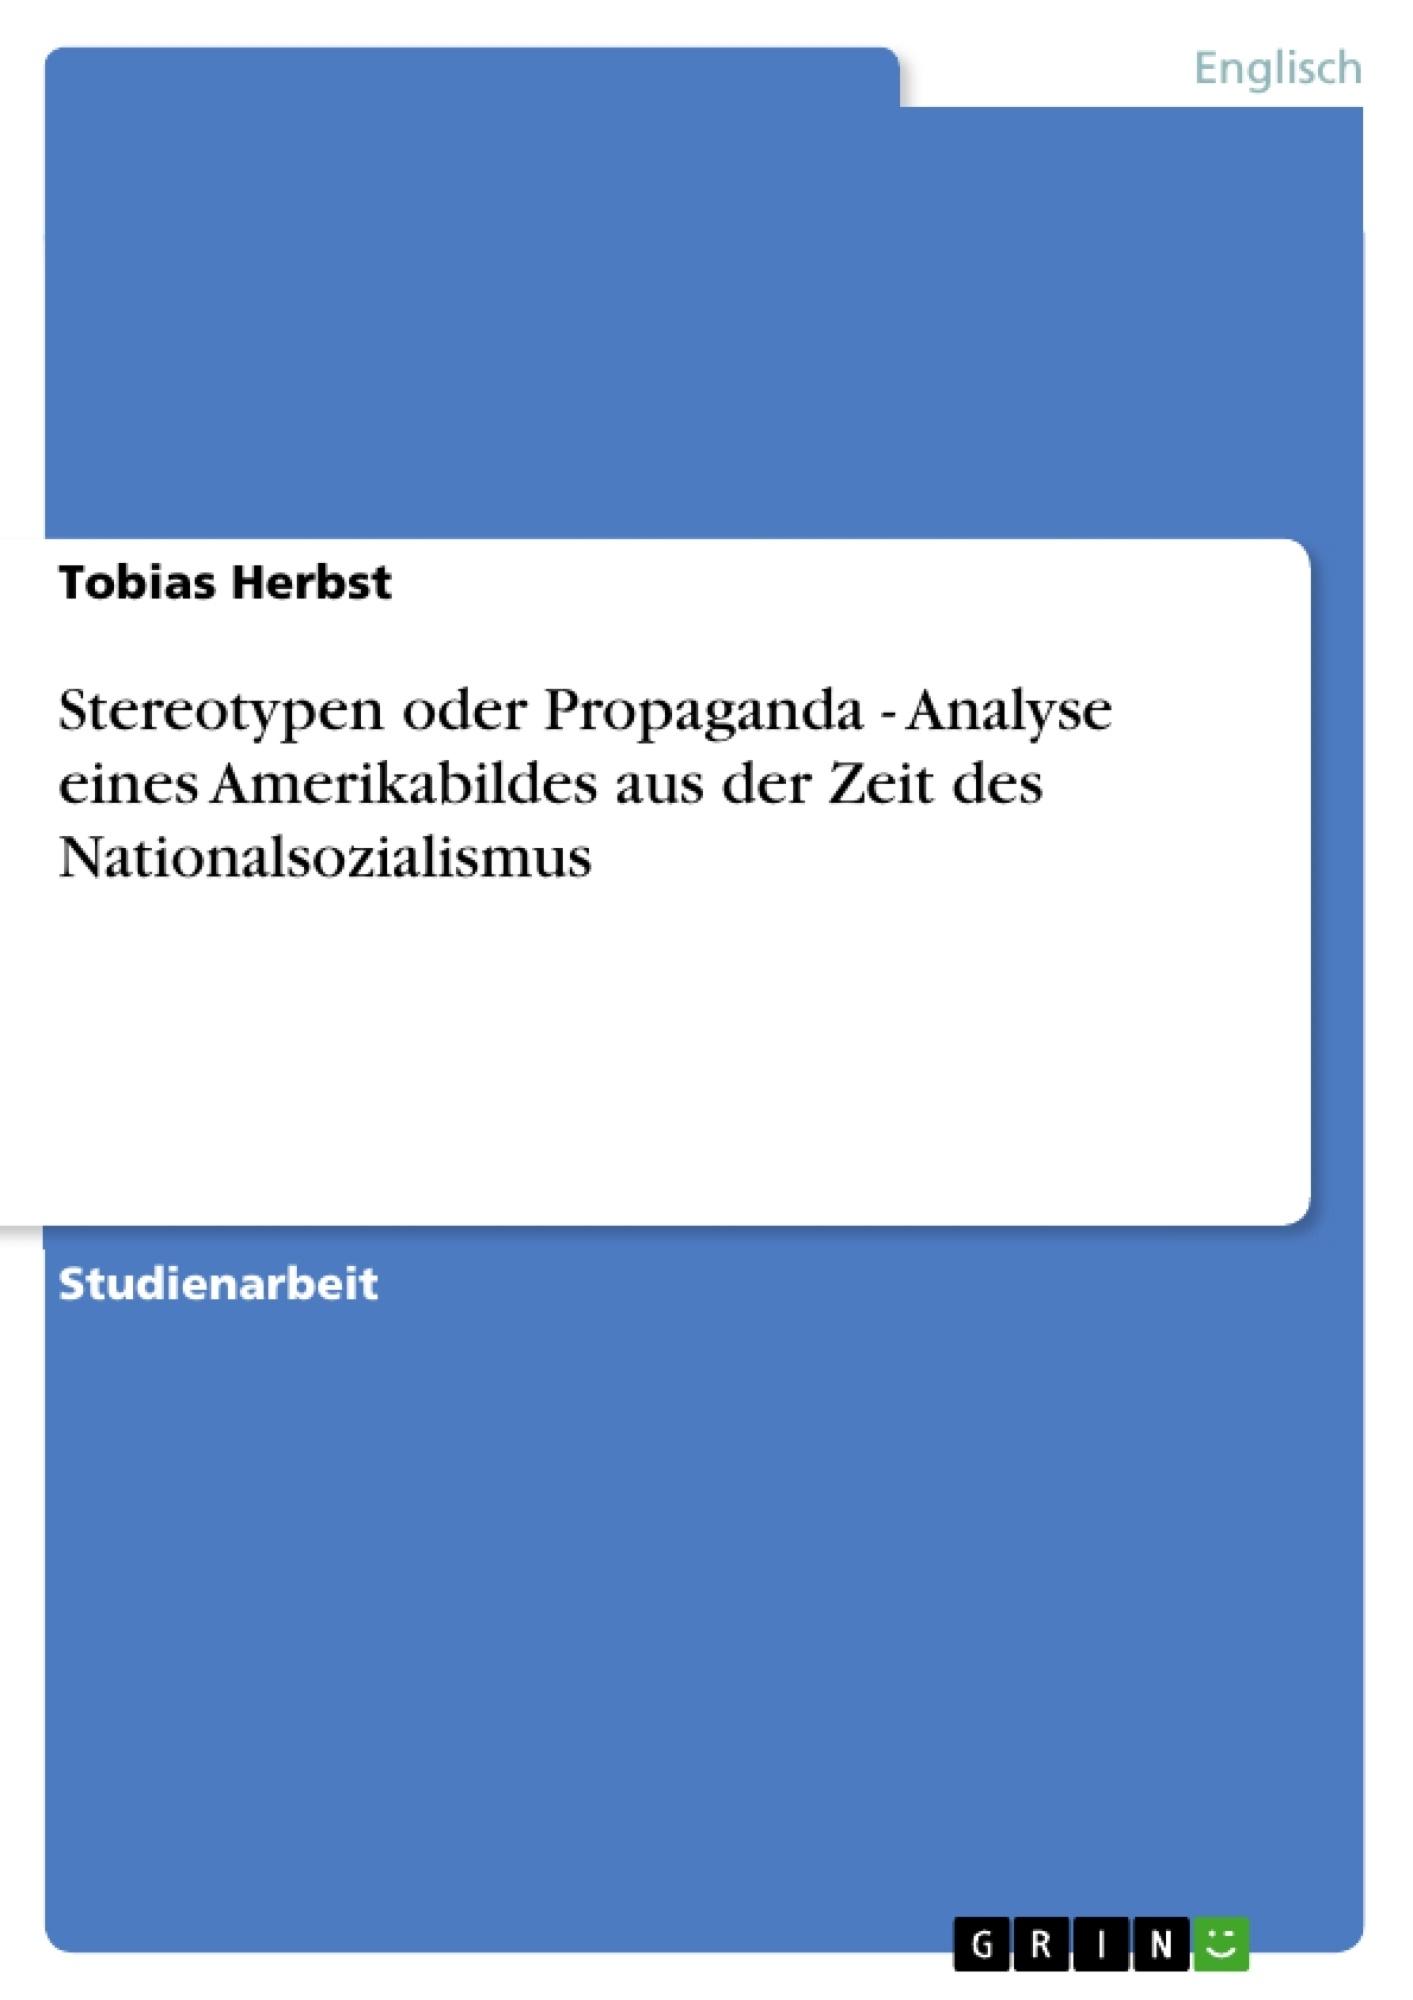 Titel: Stereotypen oder Propaganda - Analyse eines Amerikabildes aus der Zeit des Nationalsozialismus